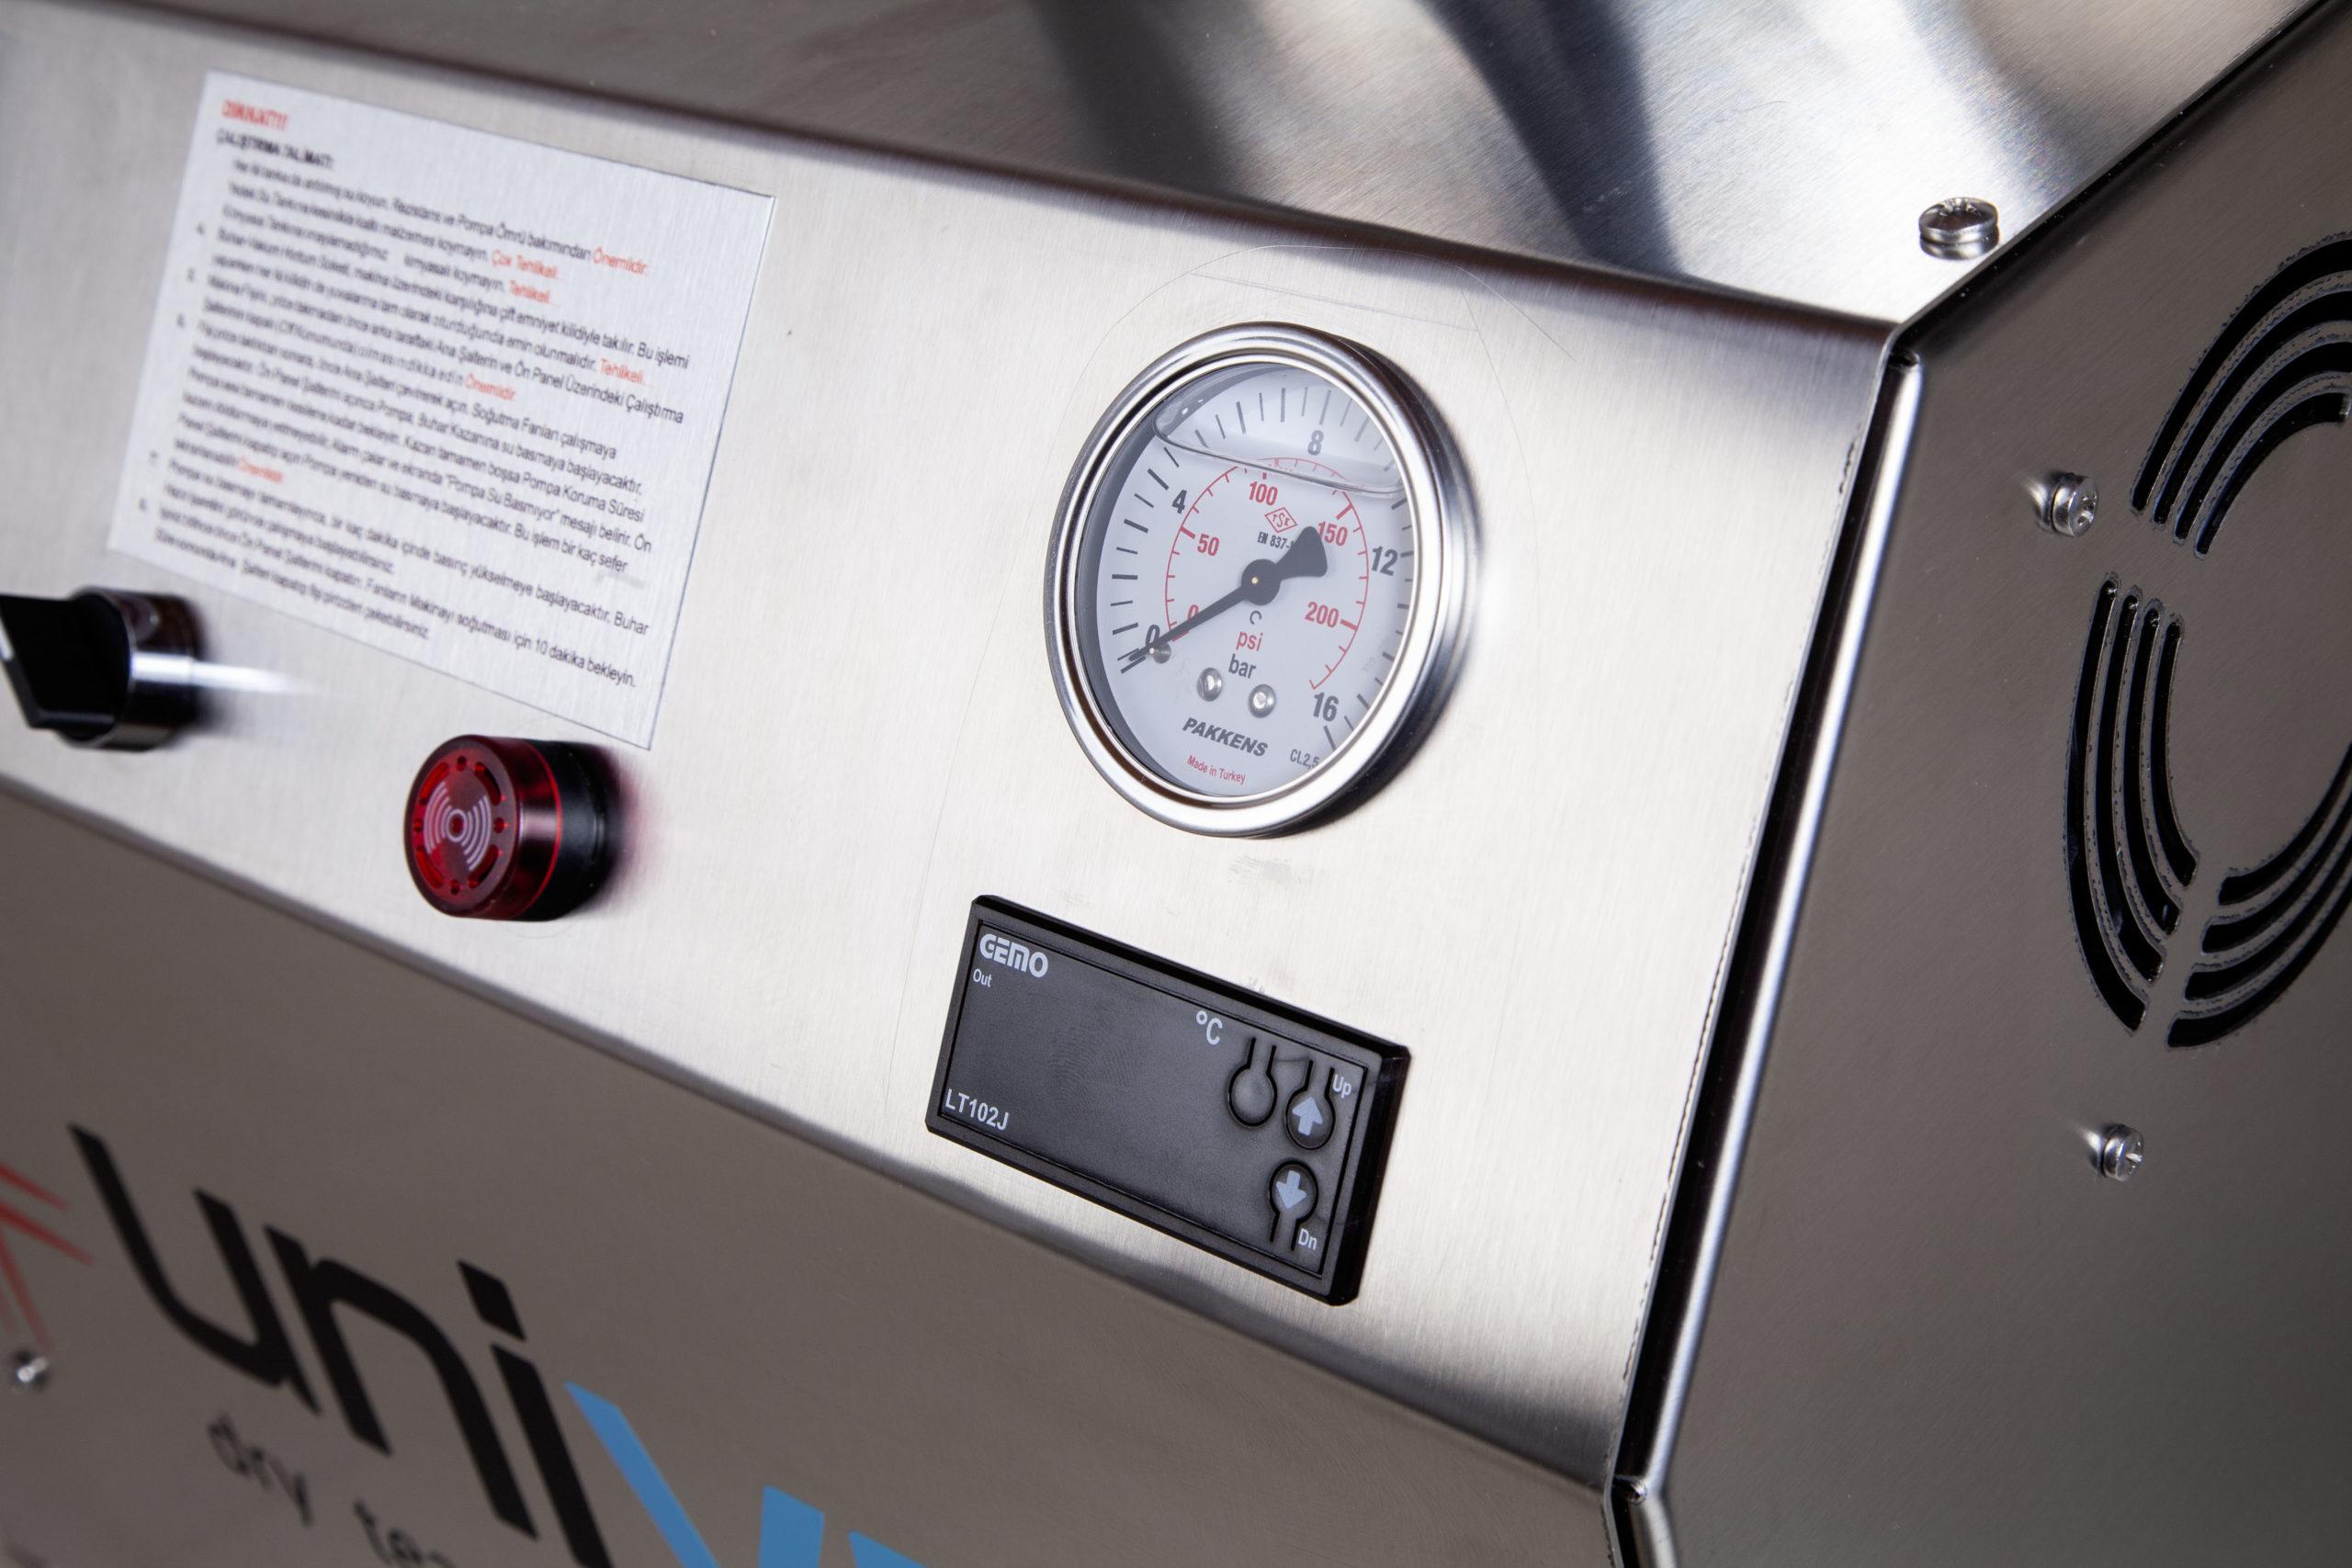 Uni SVC 9-18 Buharlı Temizlik Makinesi Ön Panel Yan Görünüm